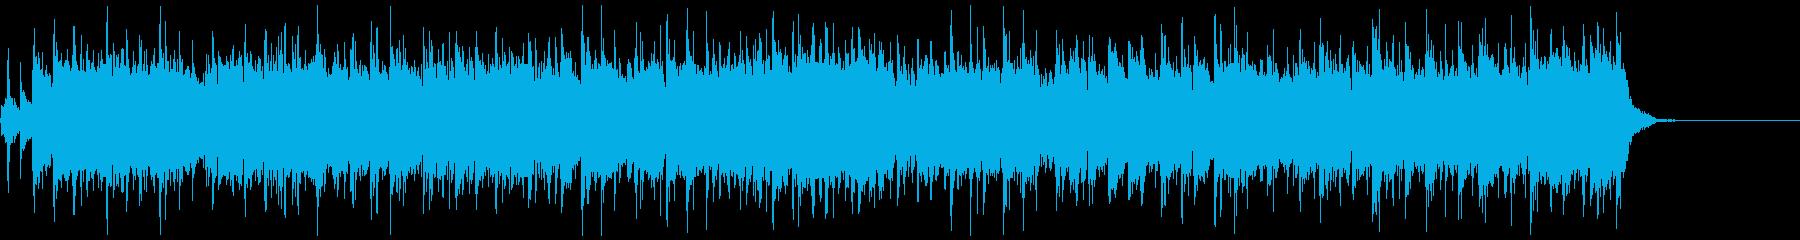 【30秒/メロなし】情熱大陸の様なBGMの再生済みの波形